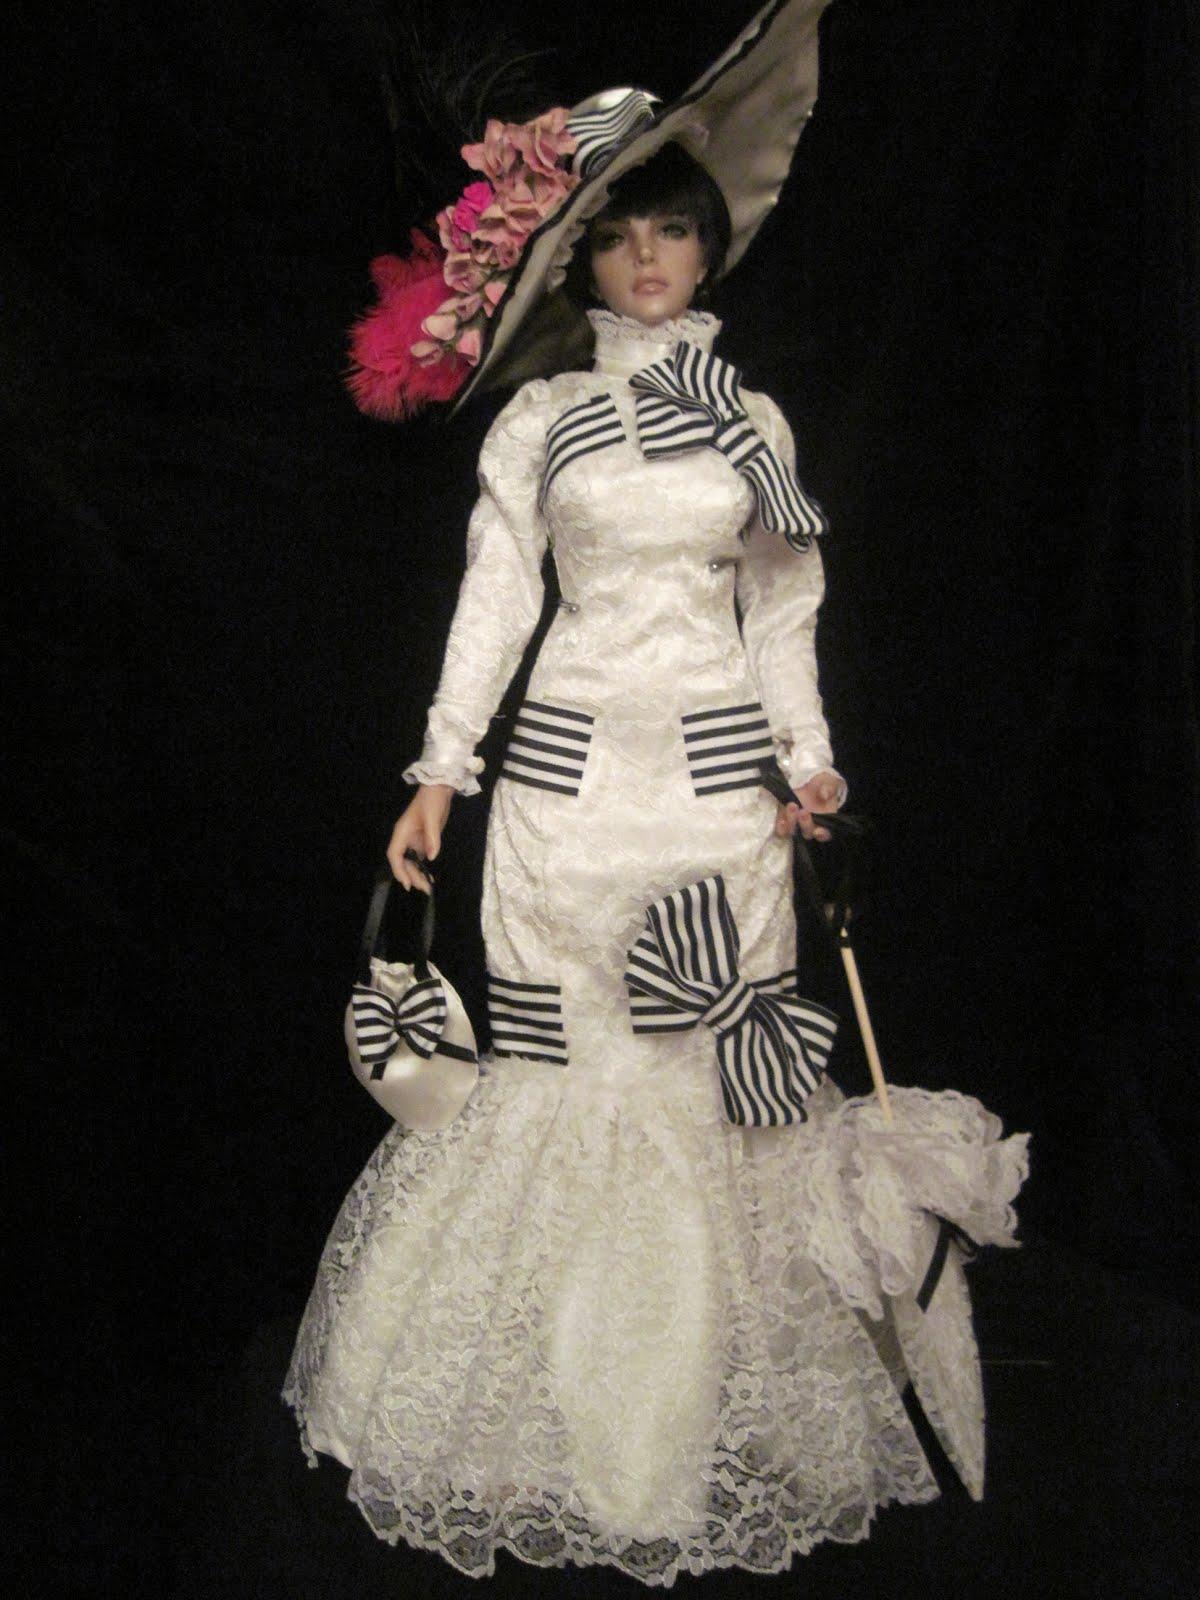 BJD\'s and Cloth Dolls by FaithyHopey: My Fair Lady Ascot Races Dress